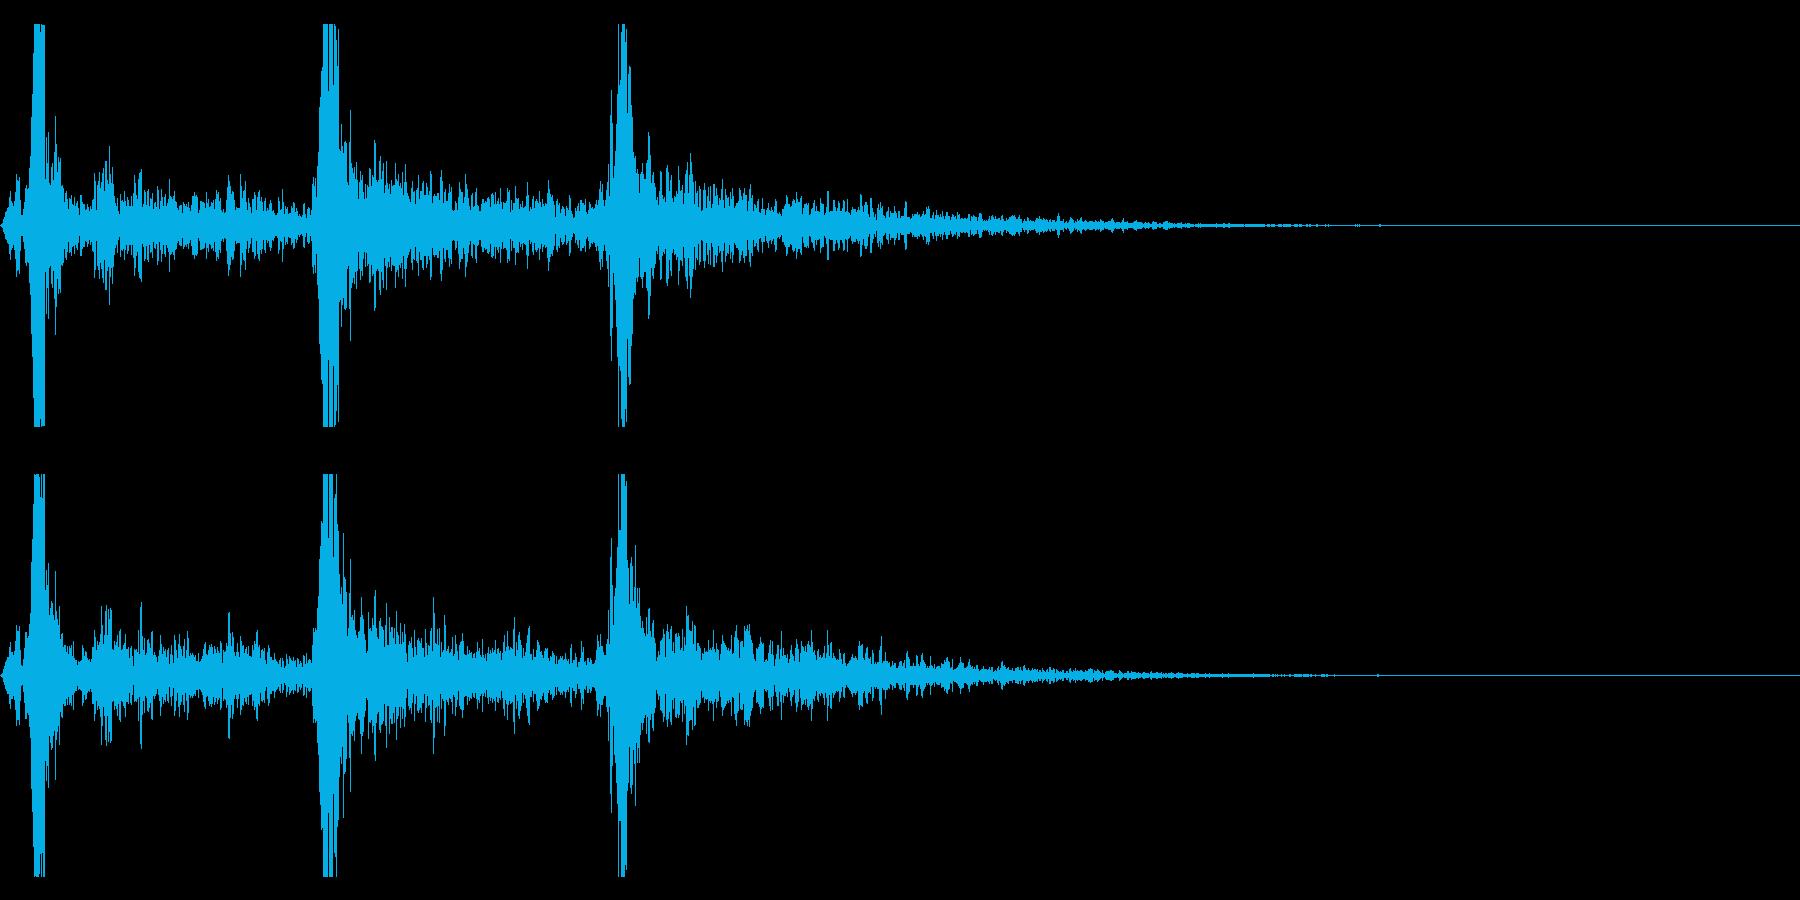 シャン×3(鈴の音・3回・広がりあり)の再生済みの波形